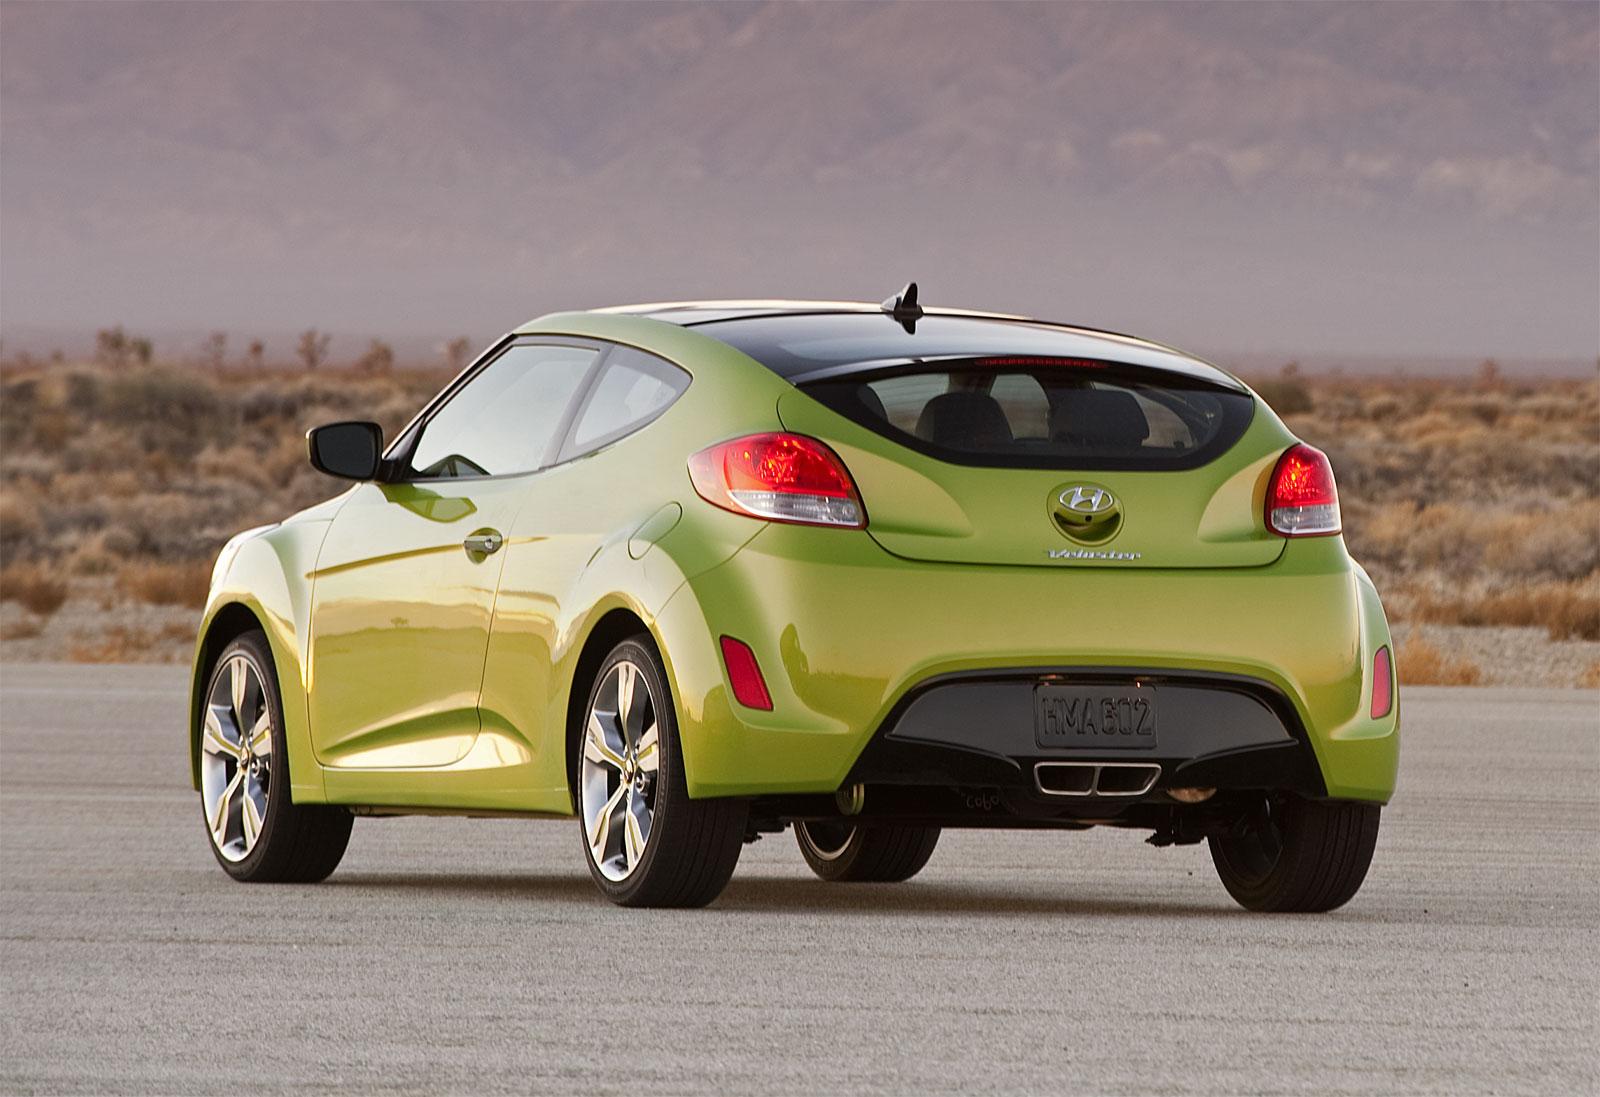 http://2.bp.blogspot.com/-MSERlxGKA2M/T-FdvslQPYI/AAAAAAAADqg/XtS-Tuhapr0/s1600/Hyundai+Veloster+hd+Wallpapers+2012_5.jpg